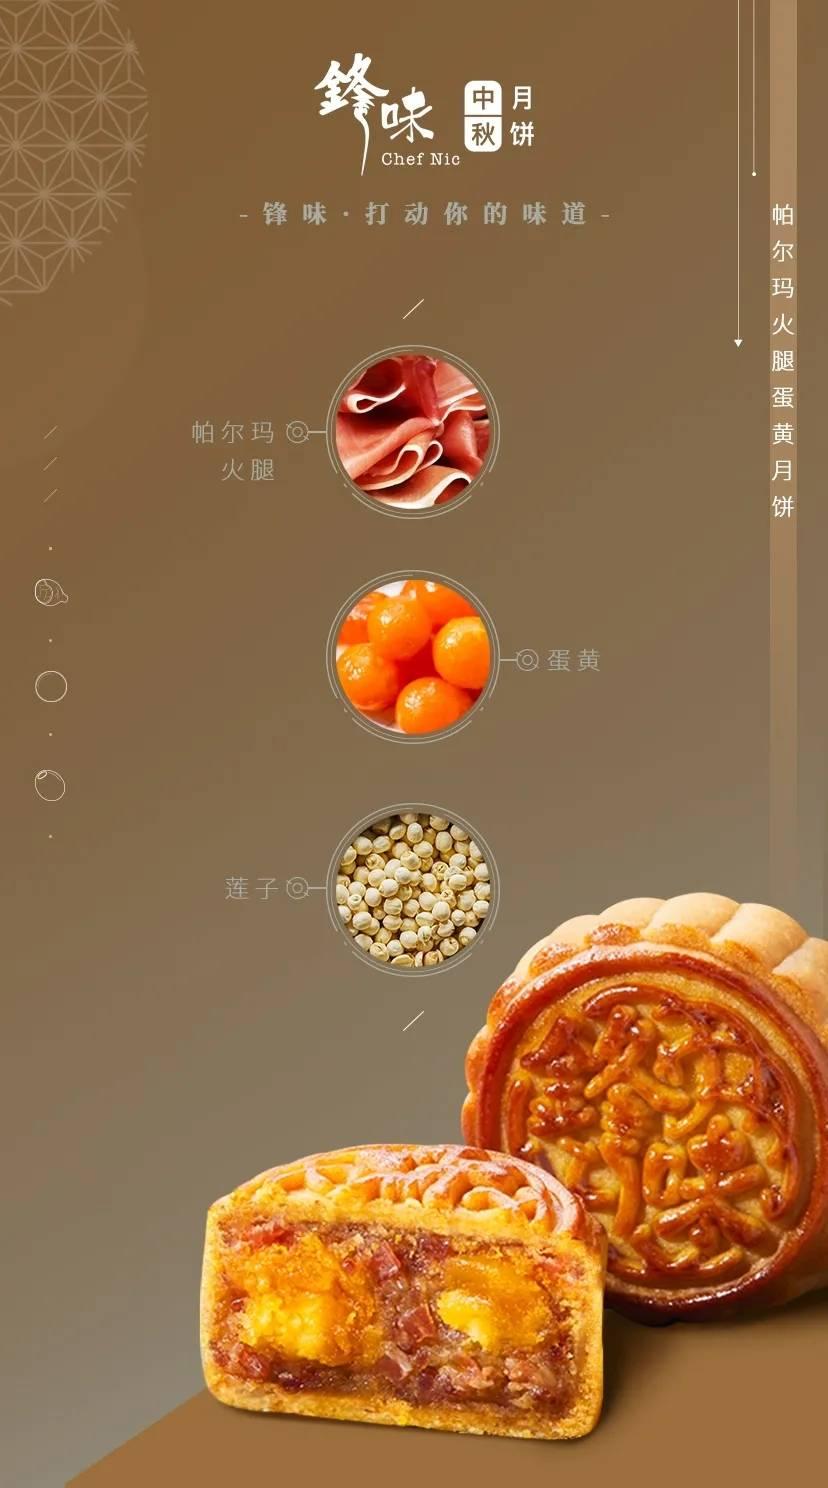 【全国包邮】锋味四粒装月饼,门市价198现仅售168元,2粒 帕尔玛火腿蛋黄月饼,2粒 陈皮豆沙蛋黄月饼